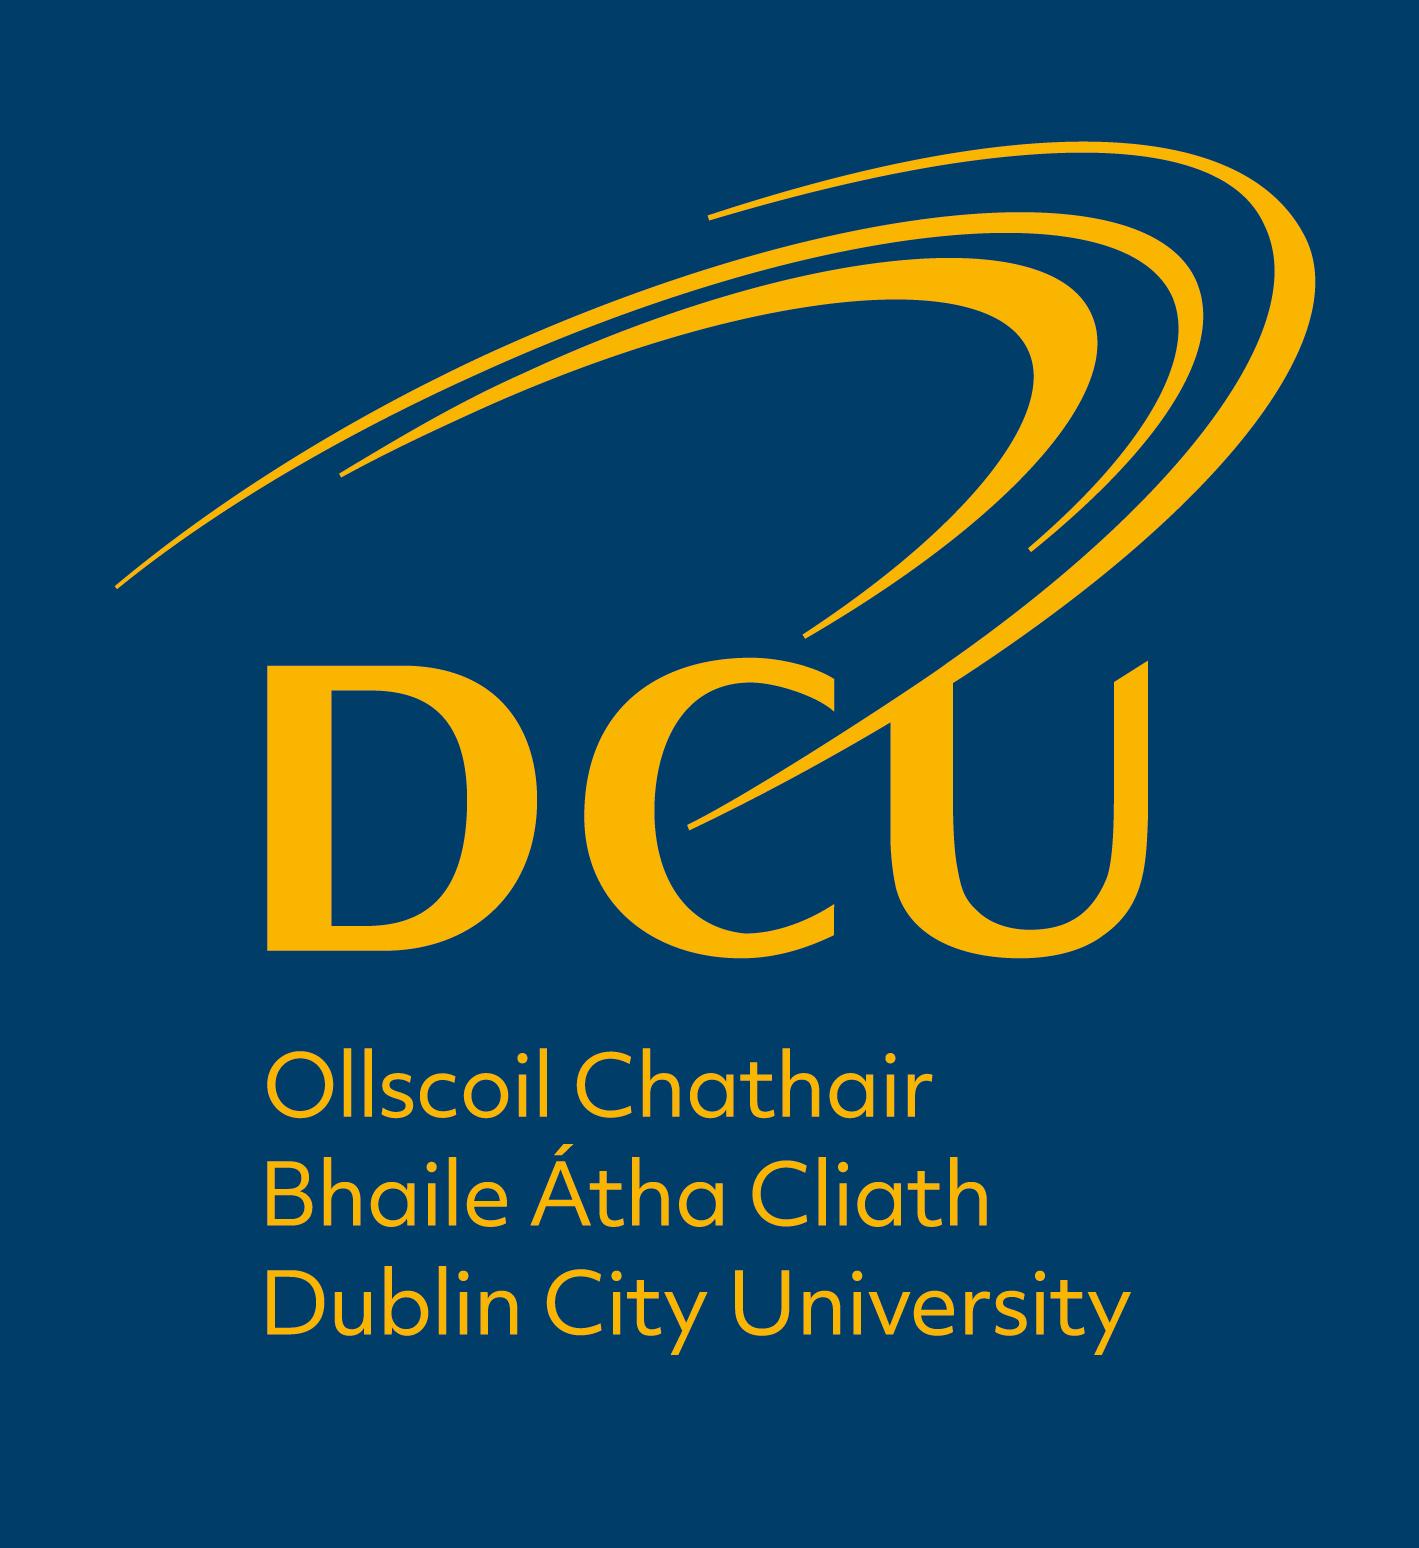 Gaois, Fiontar & Scoil na Gaeilge, Ollscoil Chathair Bhaile Átha Cliath